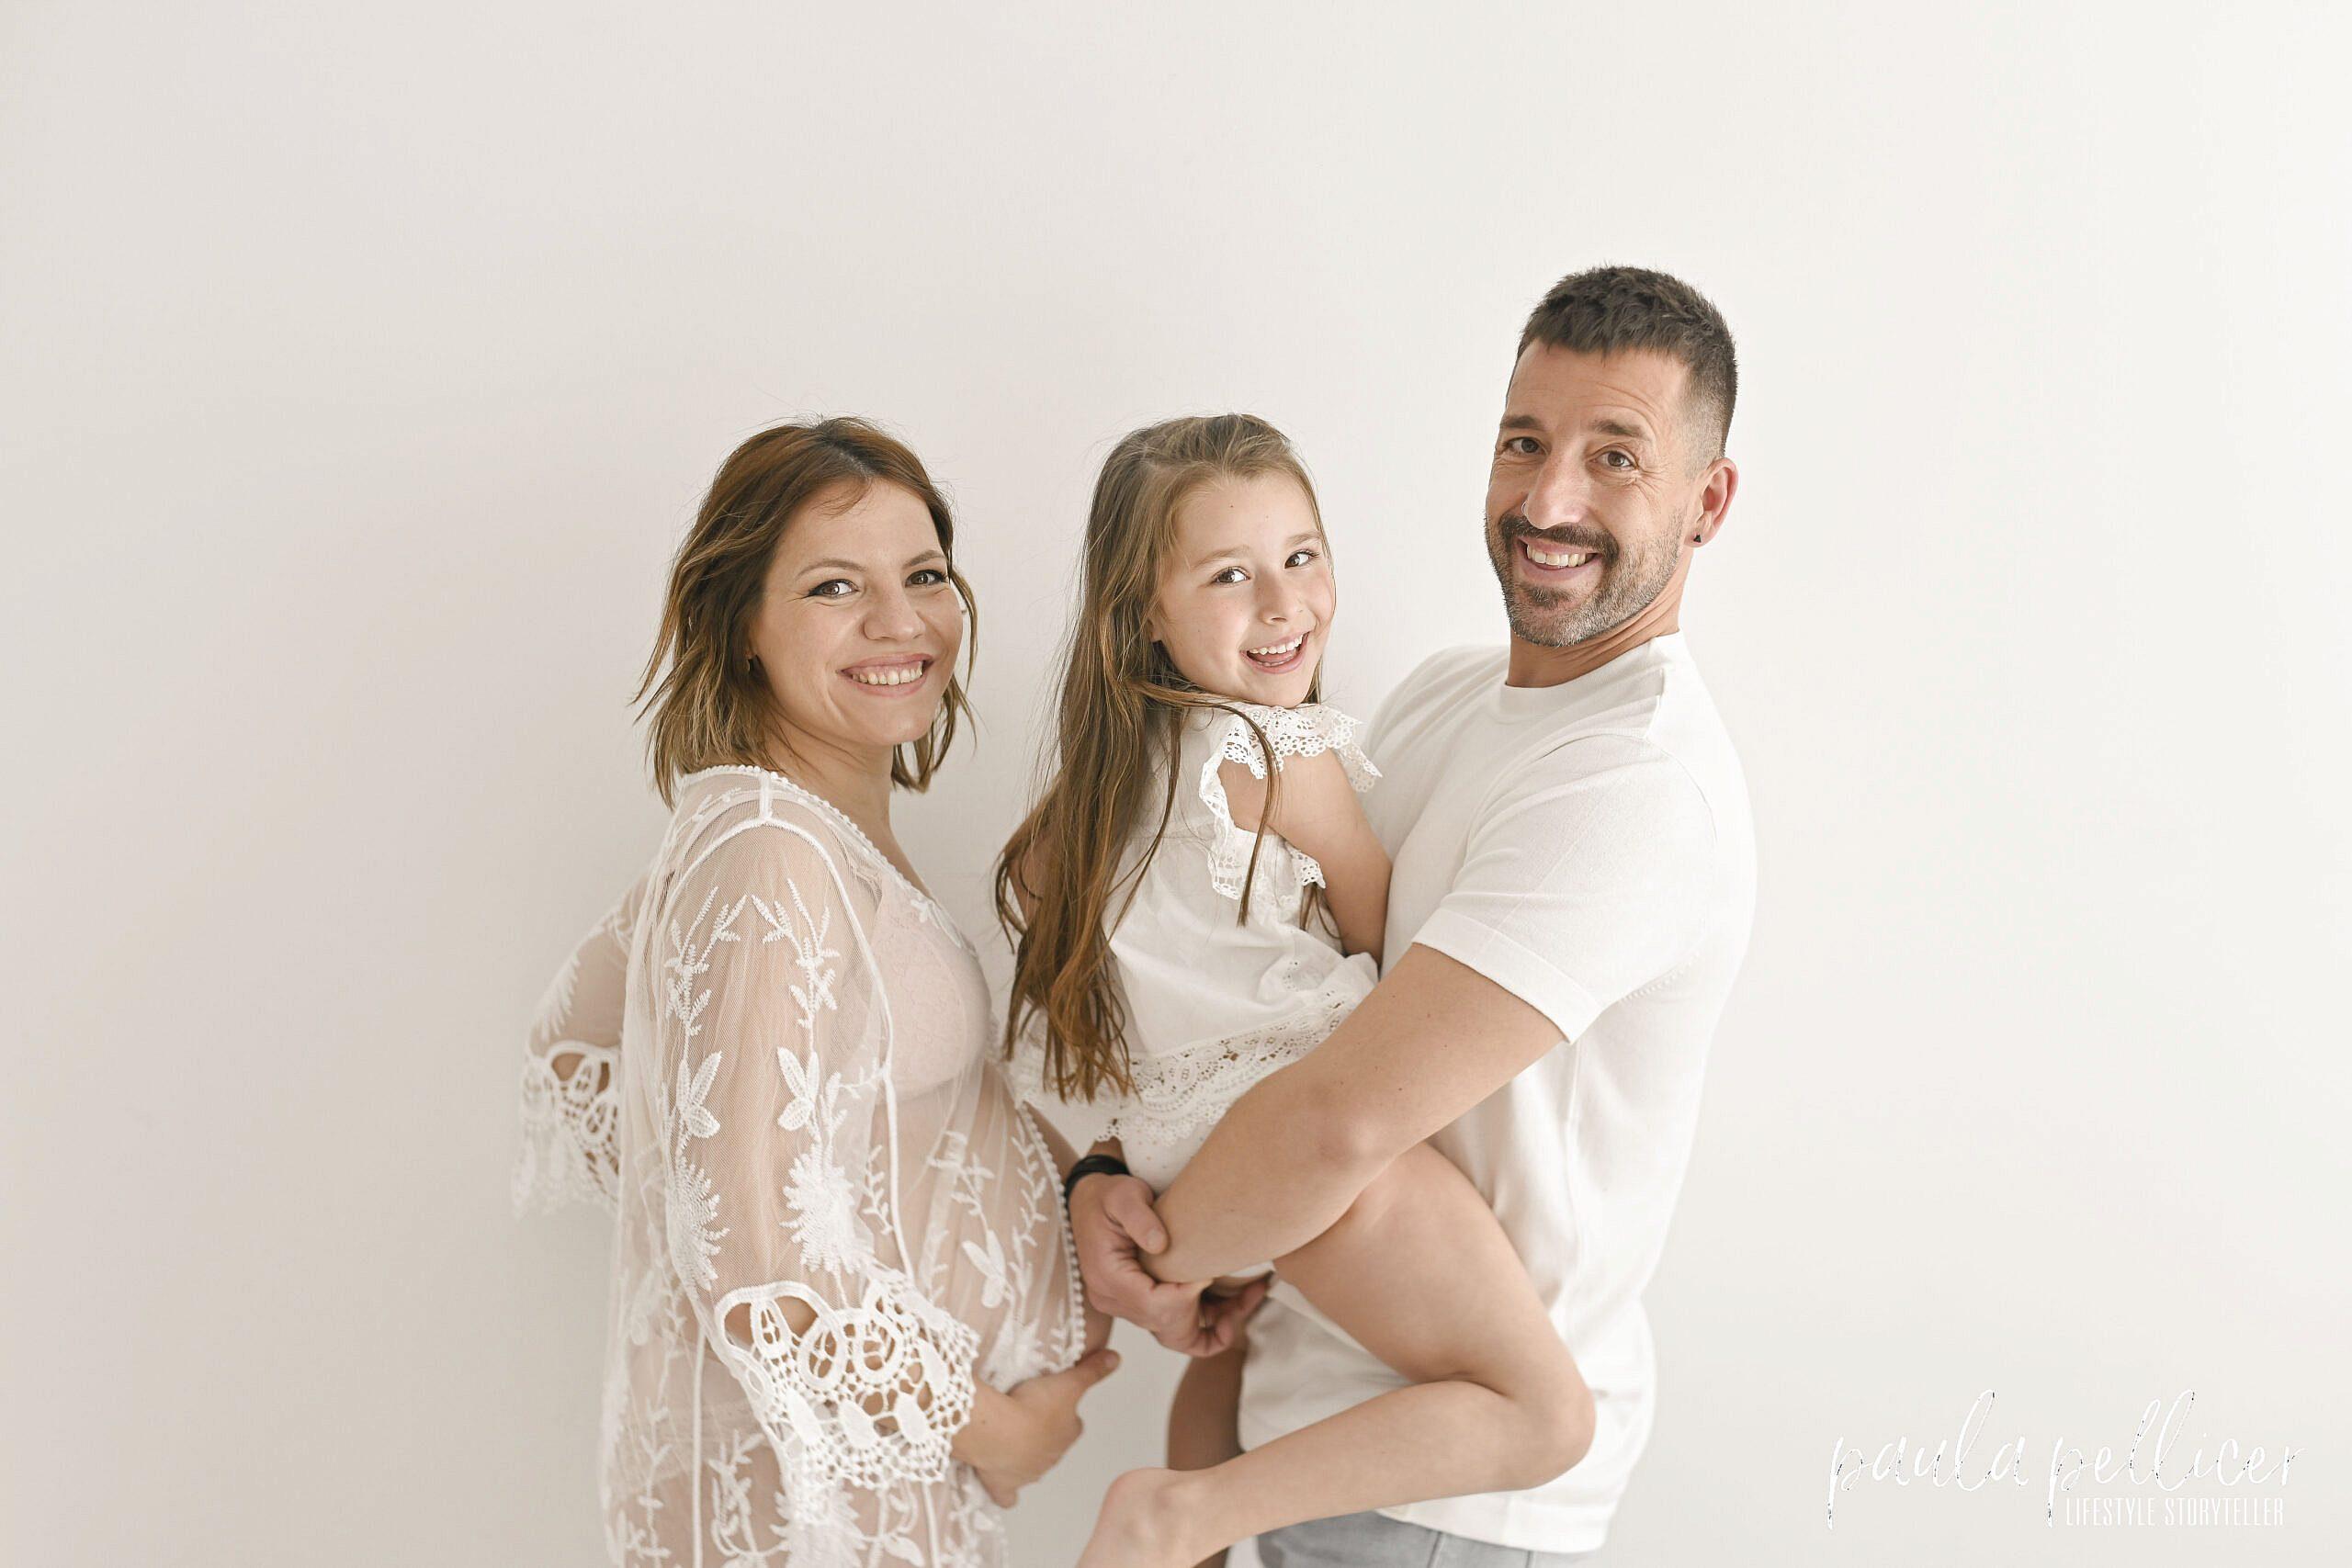 mejores fotografias embarazo barcelona sant cugat